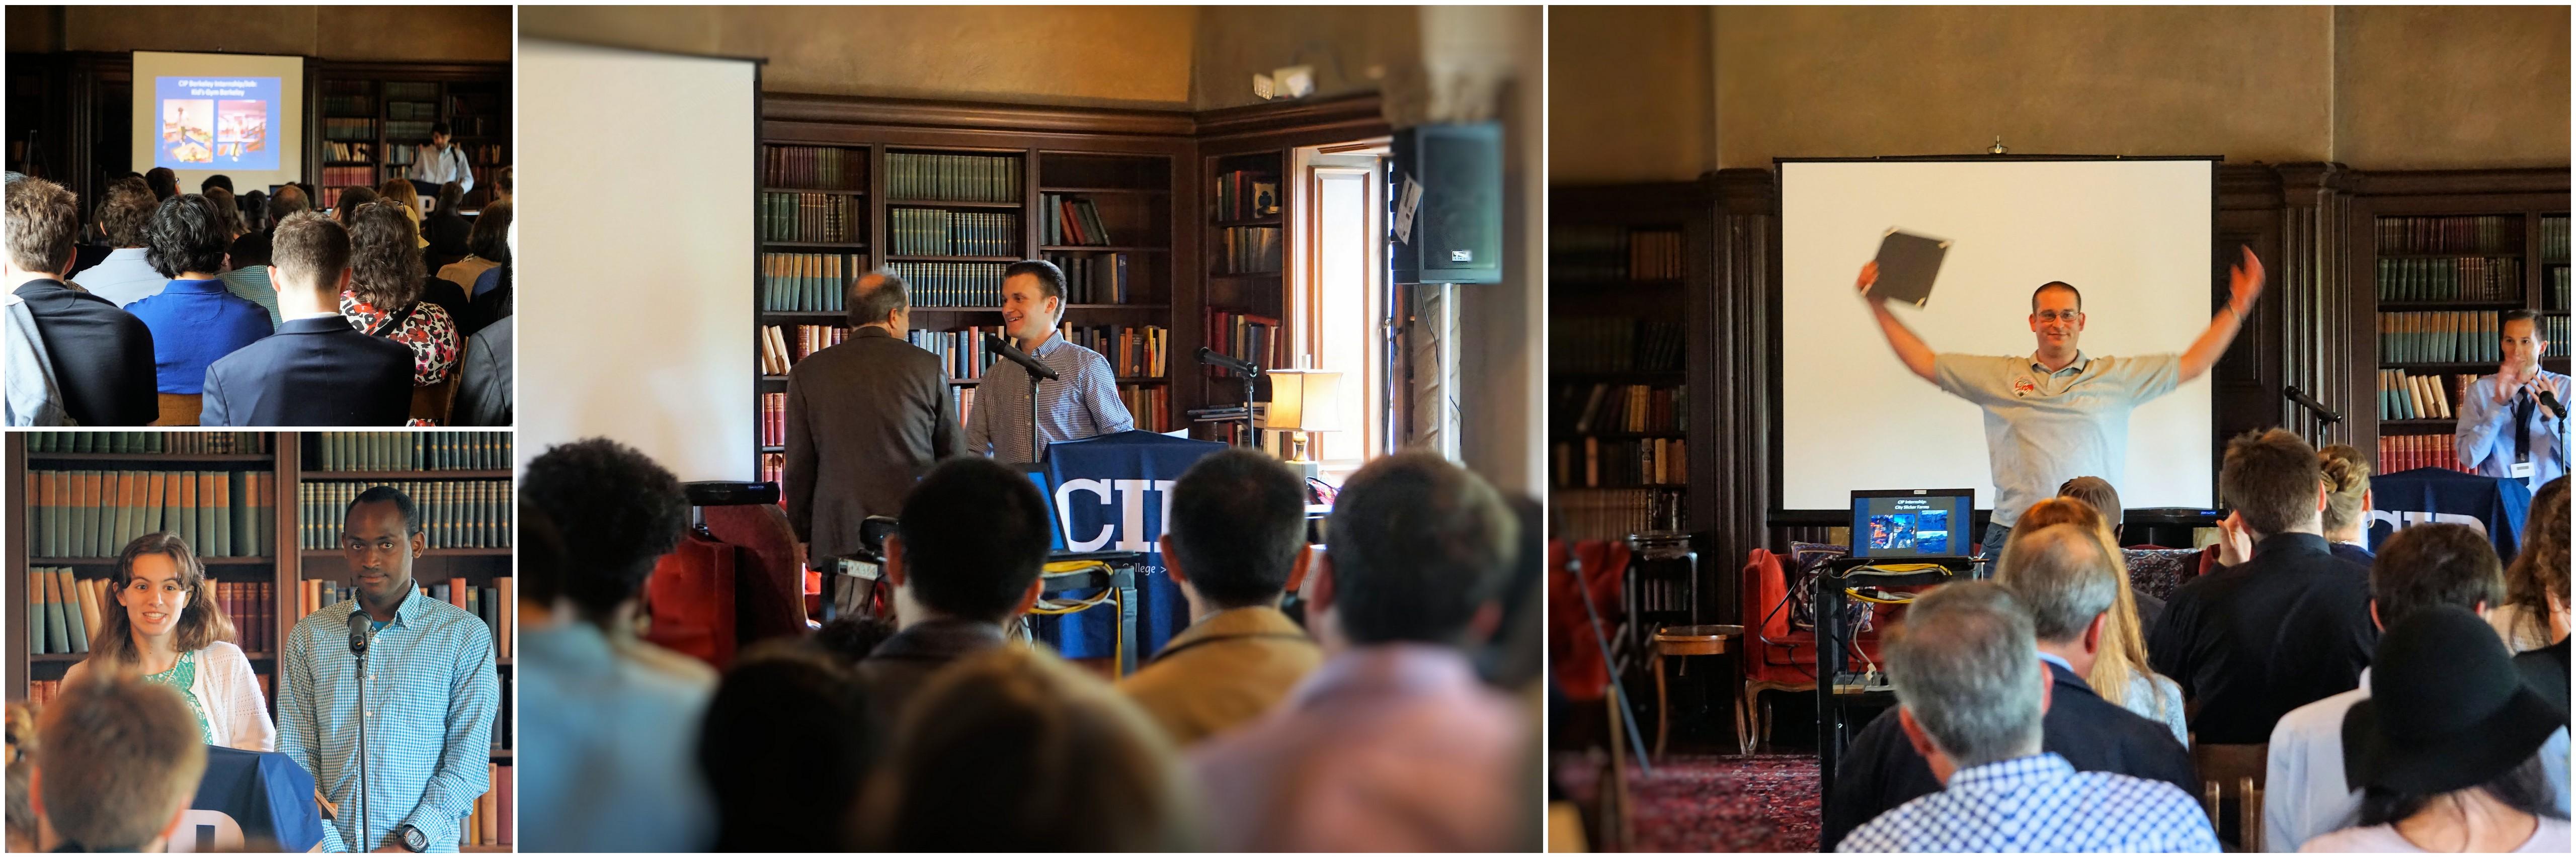 CIP Berkeley Convocation